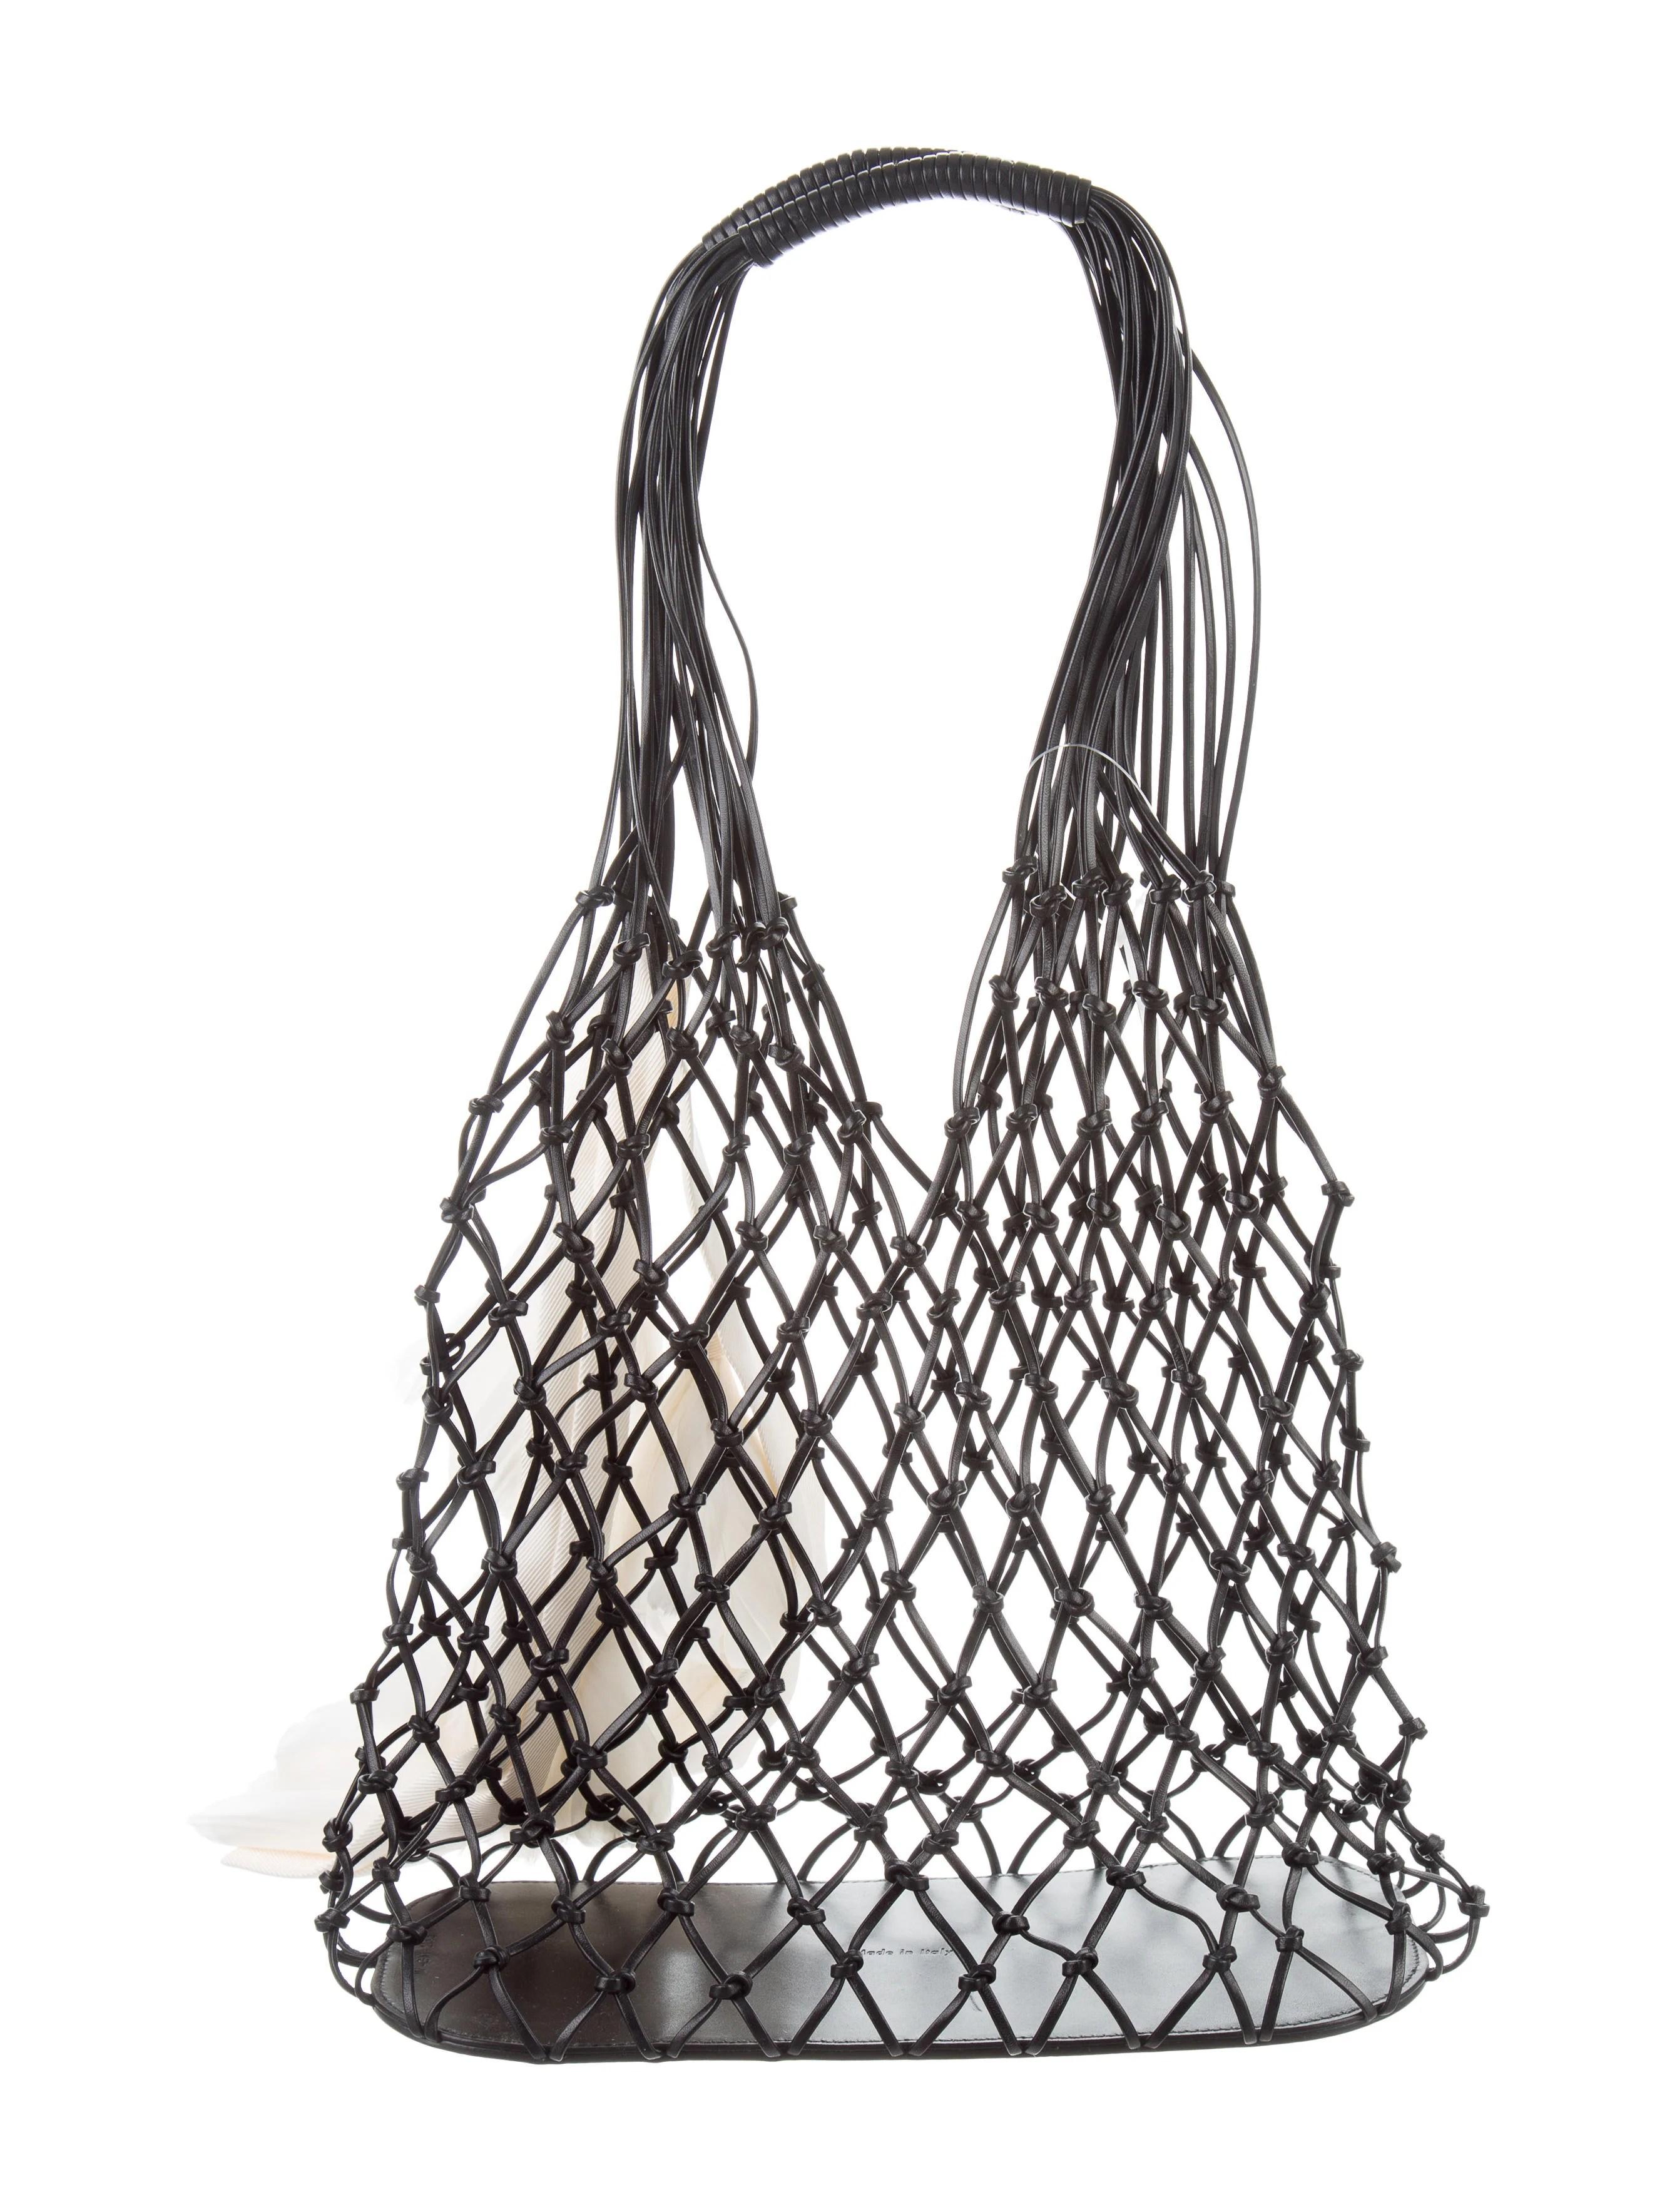 Celine Leather Net Bag